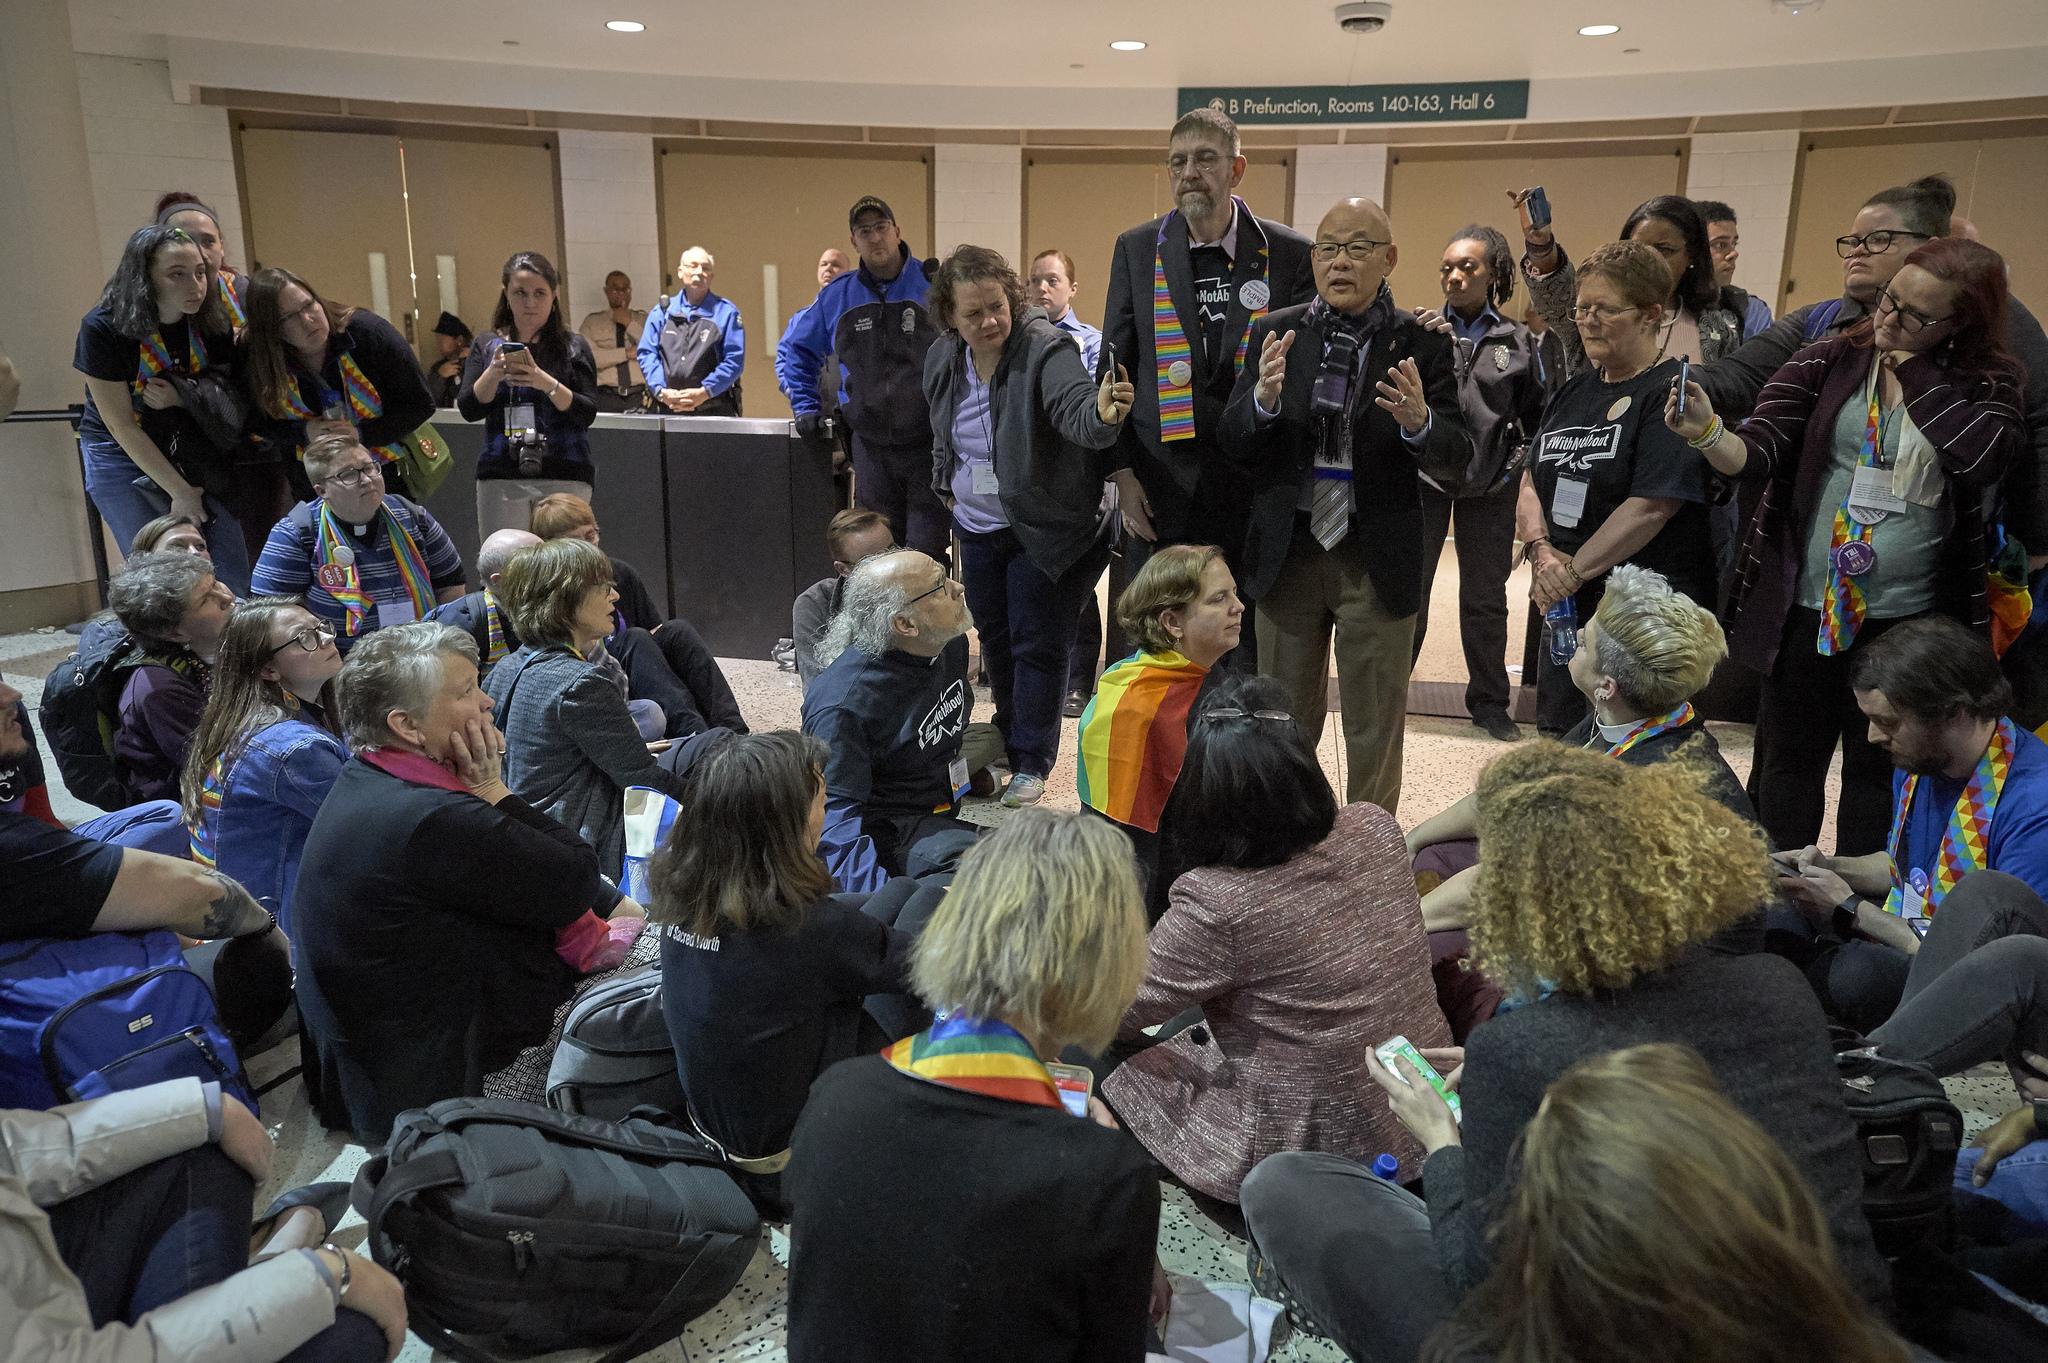 El obispo metodista Robert Robert Hoshibata se reúne com manifestantes para a aprovação do Plano Tradicional, que concretiza as proibições da lei de ordenar por todo o mundo LGBTQ y oficiar o celebrar bodas entre personas del mismo sexo. A votação se realizou na última día da Conferencia Geral de 2019, em San Luis. Foto por Paul Jeffrey, SMUN.